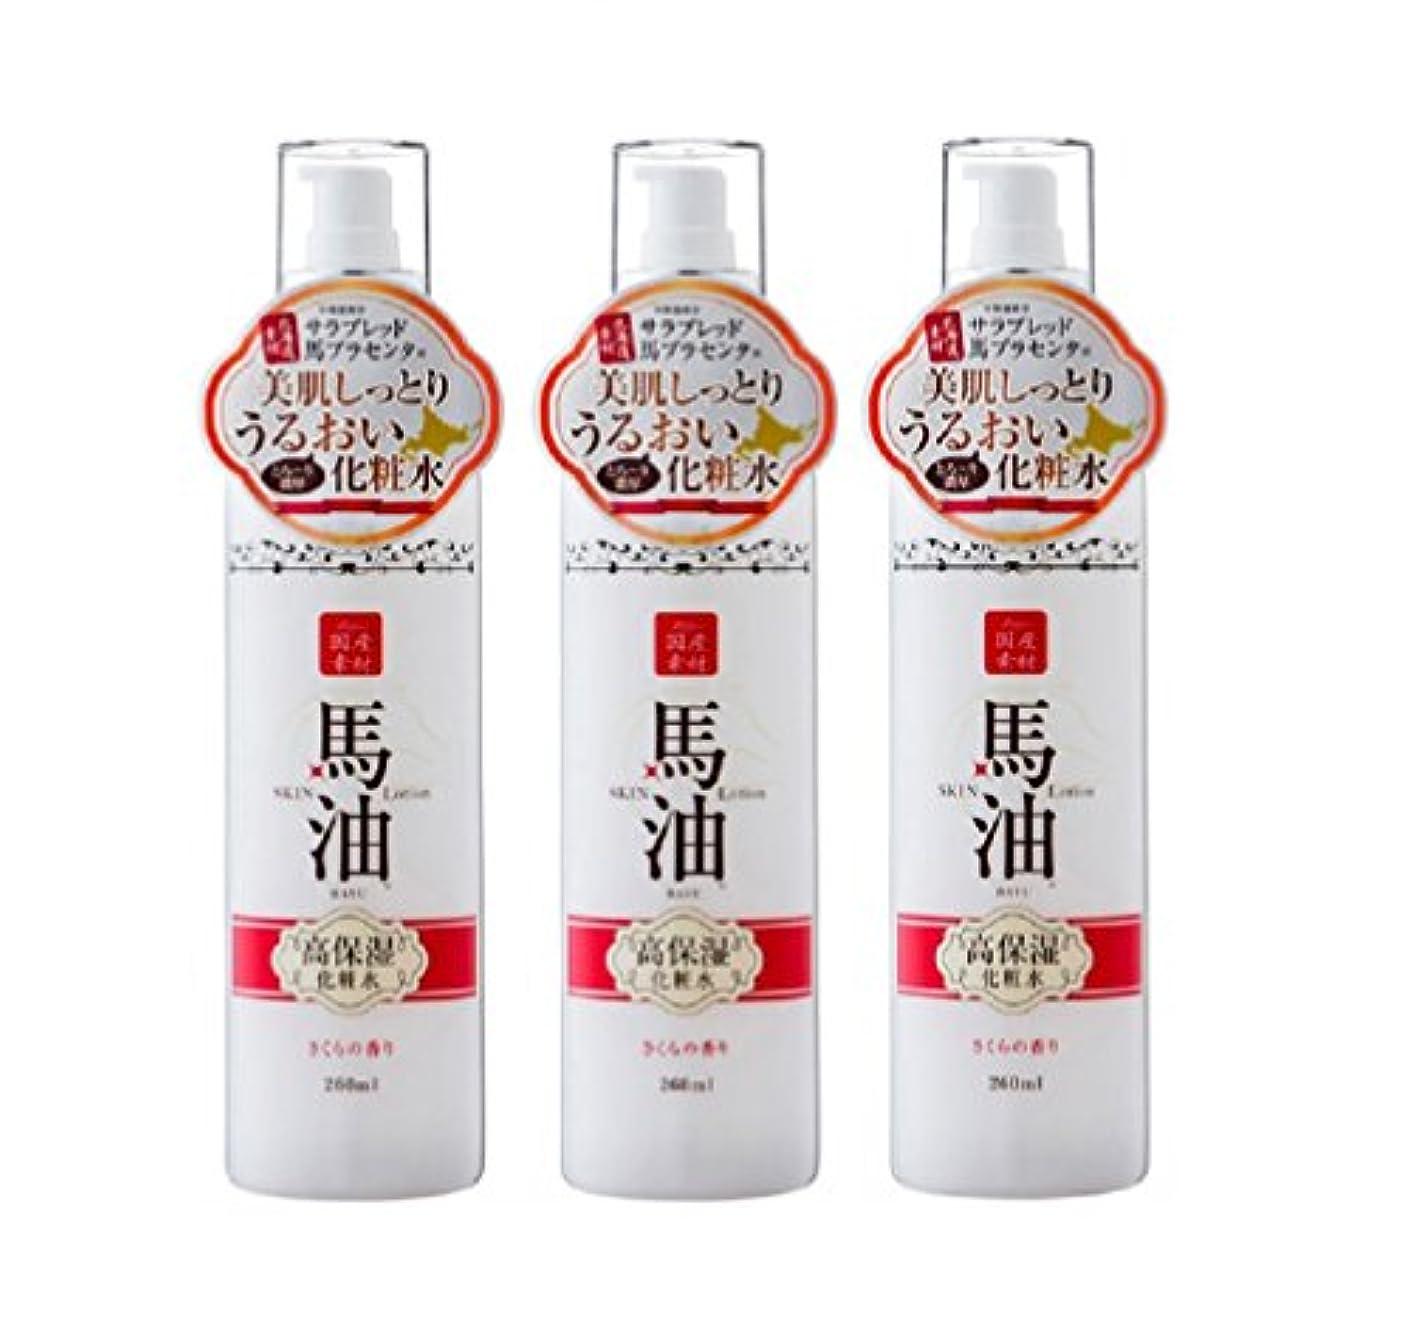 バイアス宇宙船弾薬リシャン 馬油化粧水 さくらの香り 260ml×3本セット